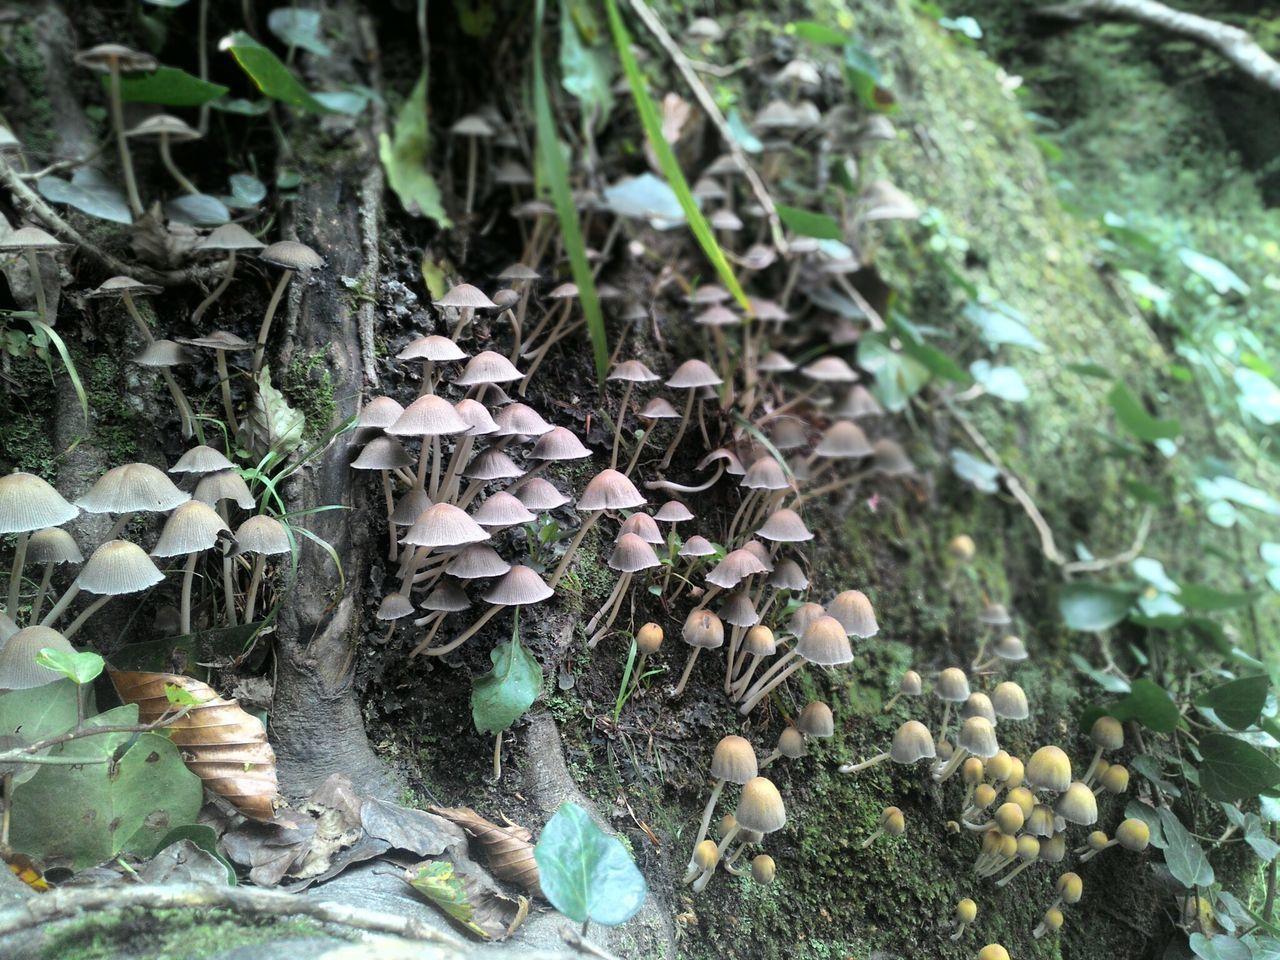 Mantar  Mushrooms Smurfs şirinler:)))) Bursa / Turkey Nature Suuçtu Şelalesi 2015